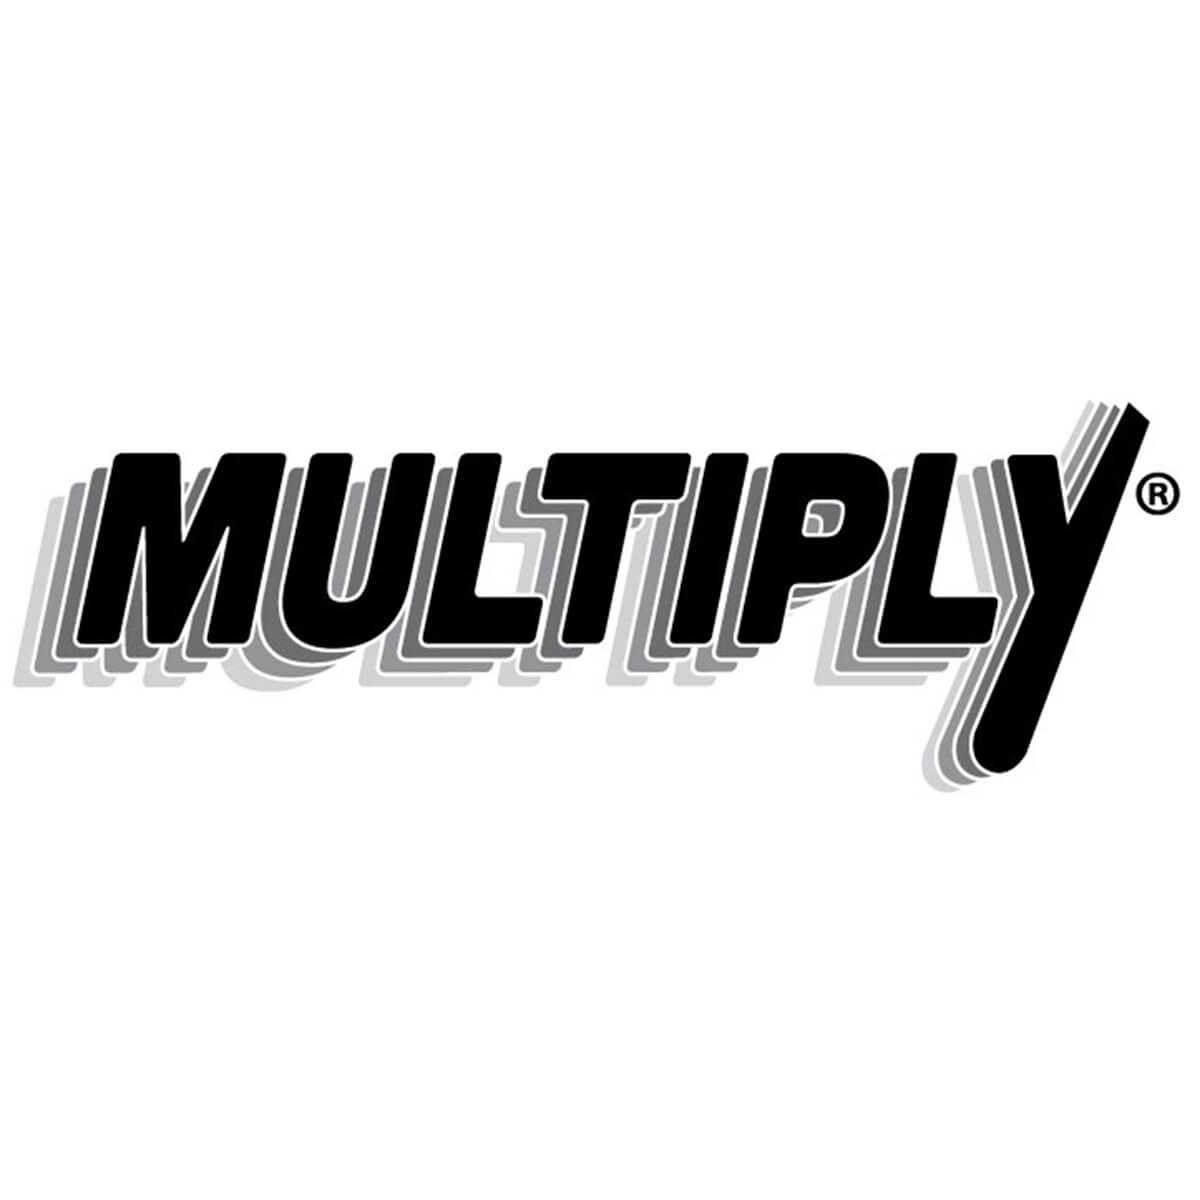 MULTIPLY ADVANTAGE - 10 L JUG